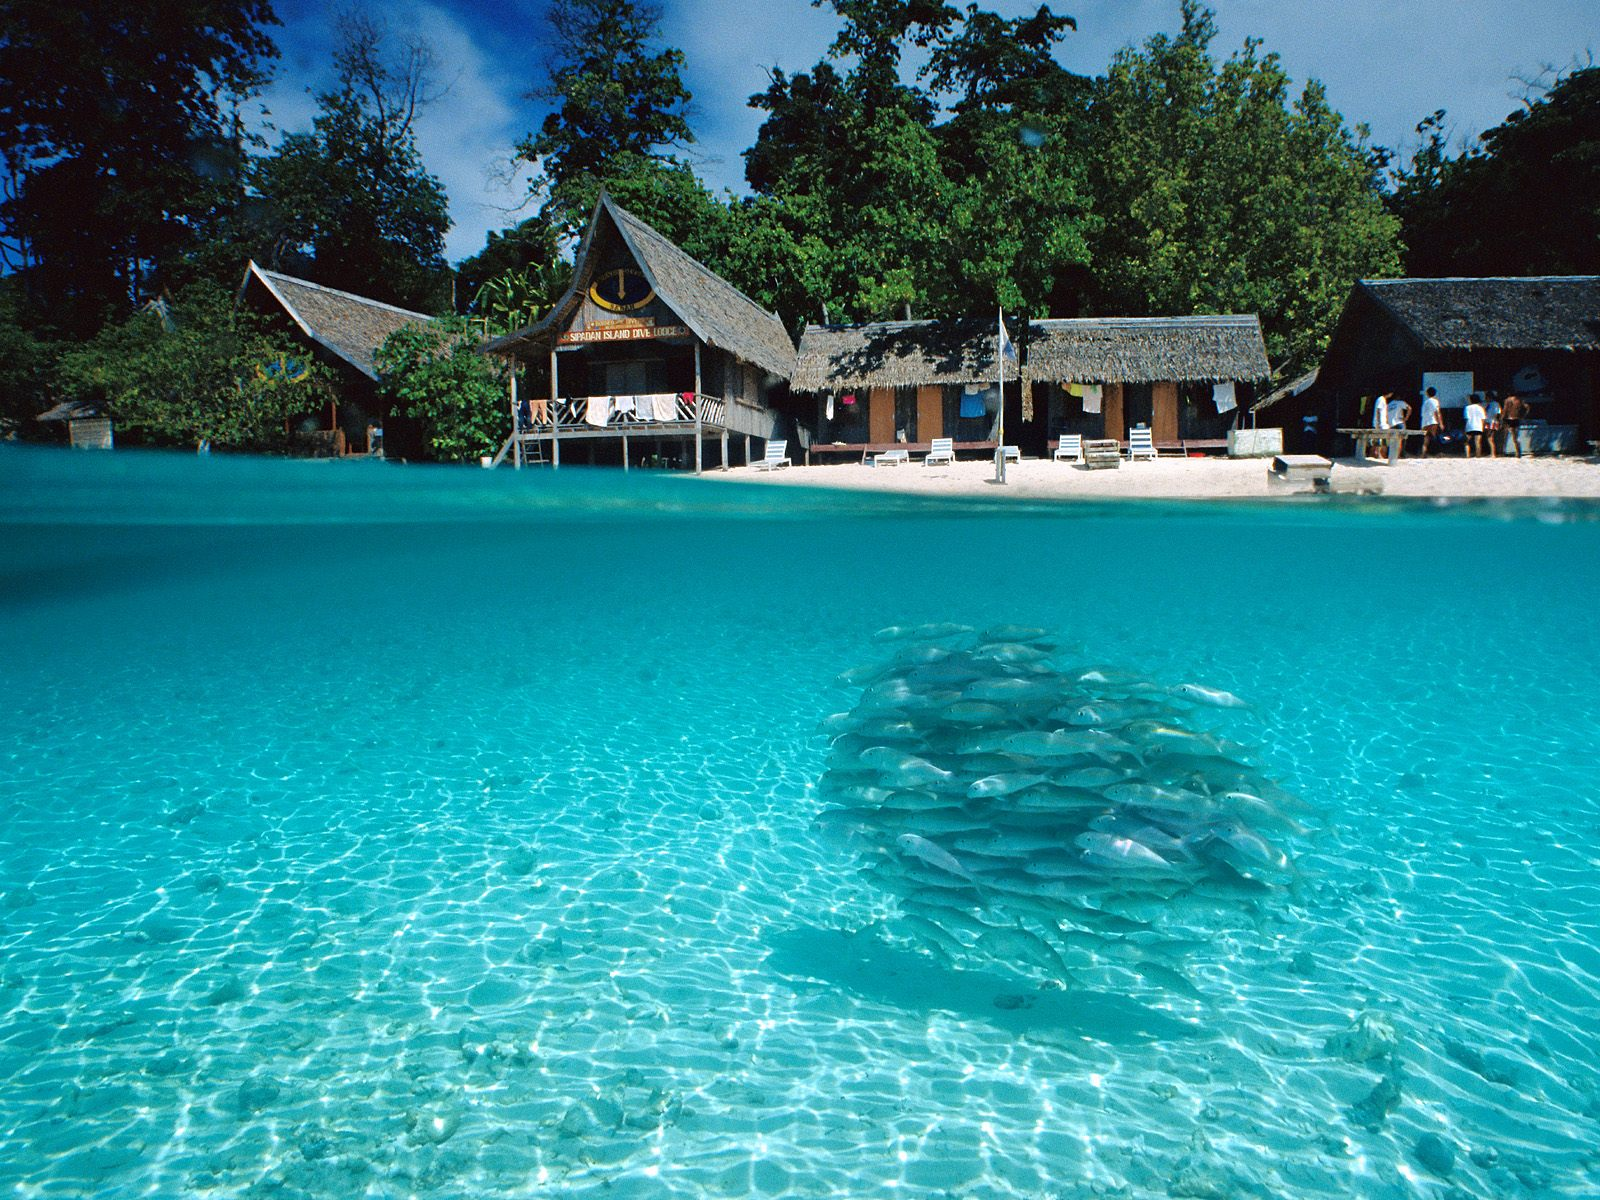 http://3.bp.blogspot.com/-Jt7DfFca7S4/UHZ7-tDr3tI/AAAAAAAAIhs/ESAKGp_2UFM/s1600/beach-wallpaper-hd-1.jpg